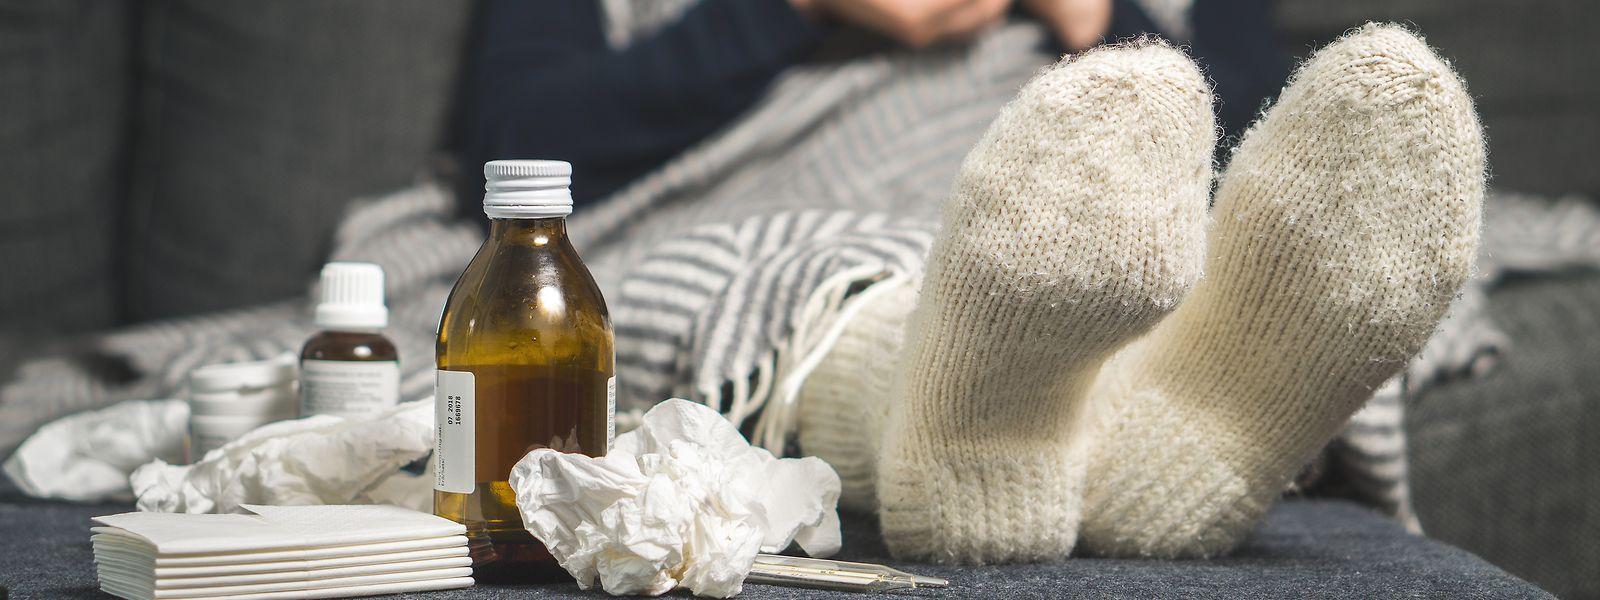 Un malade de la grippe est contagieux pendant une période moyenne de six jours, compris avant que les symptômes apparaissent.